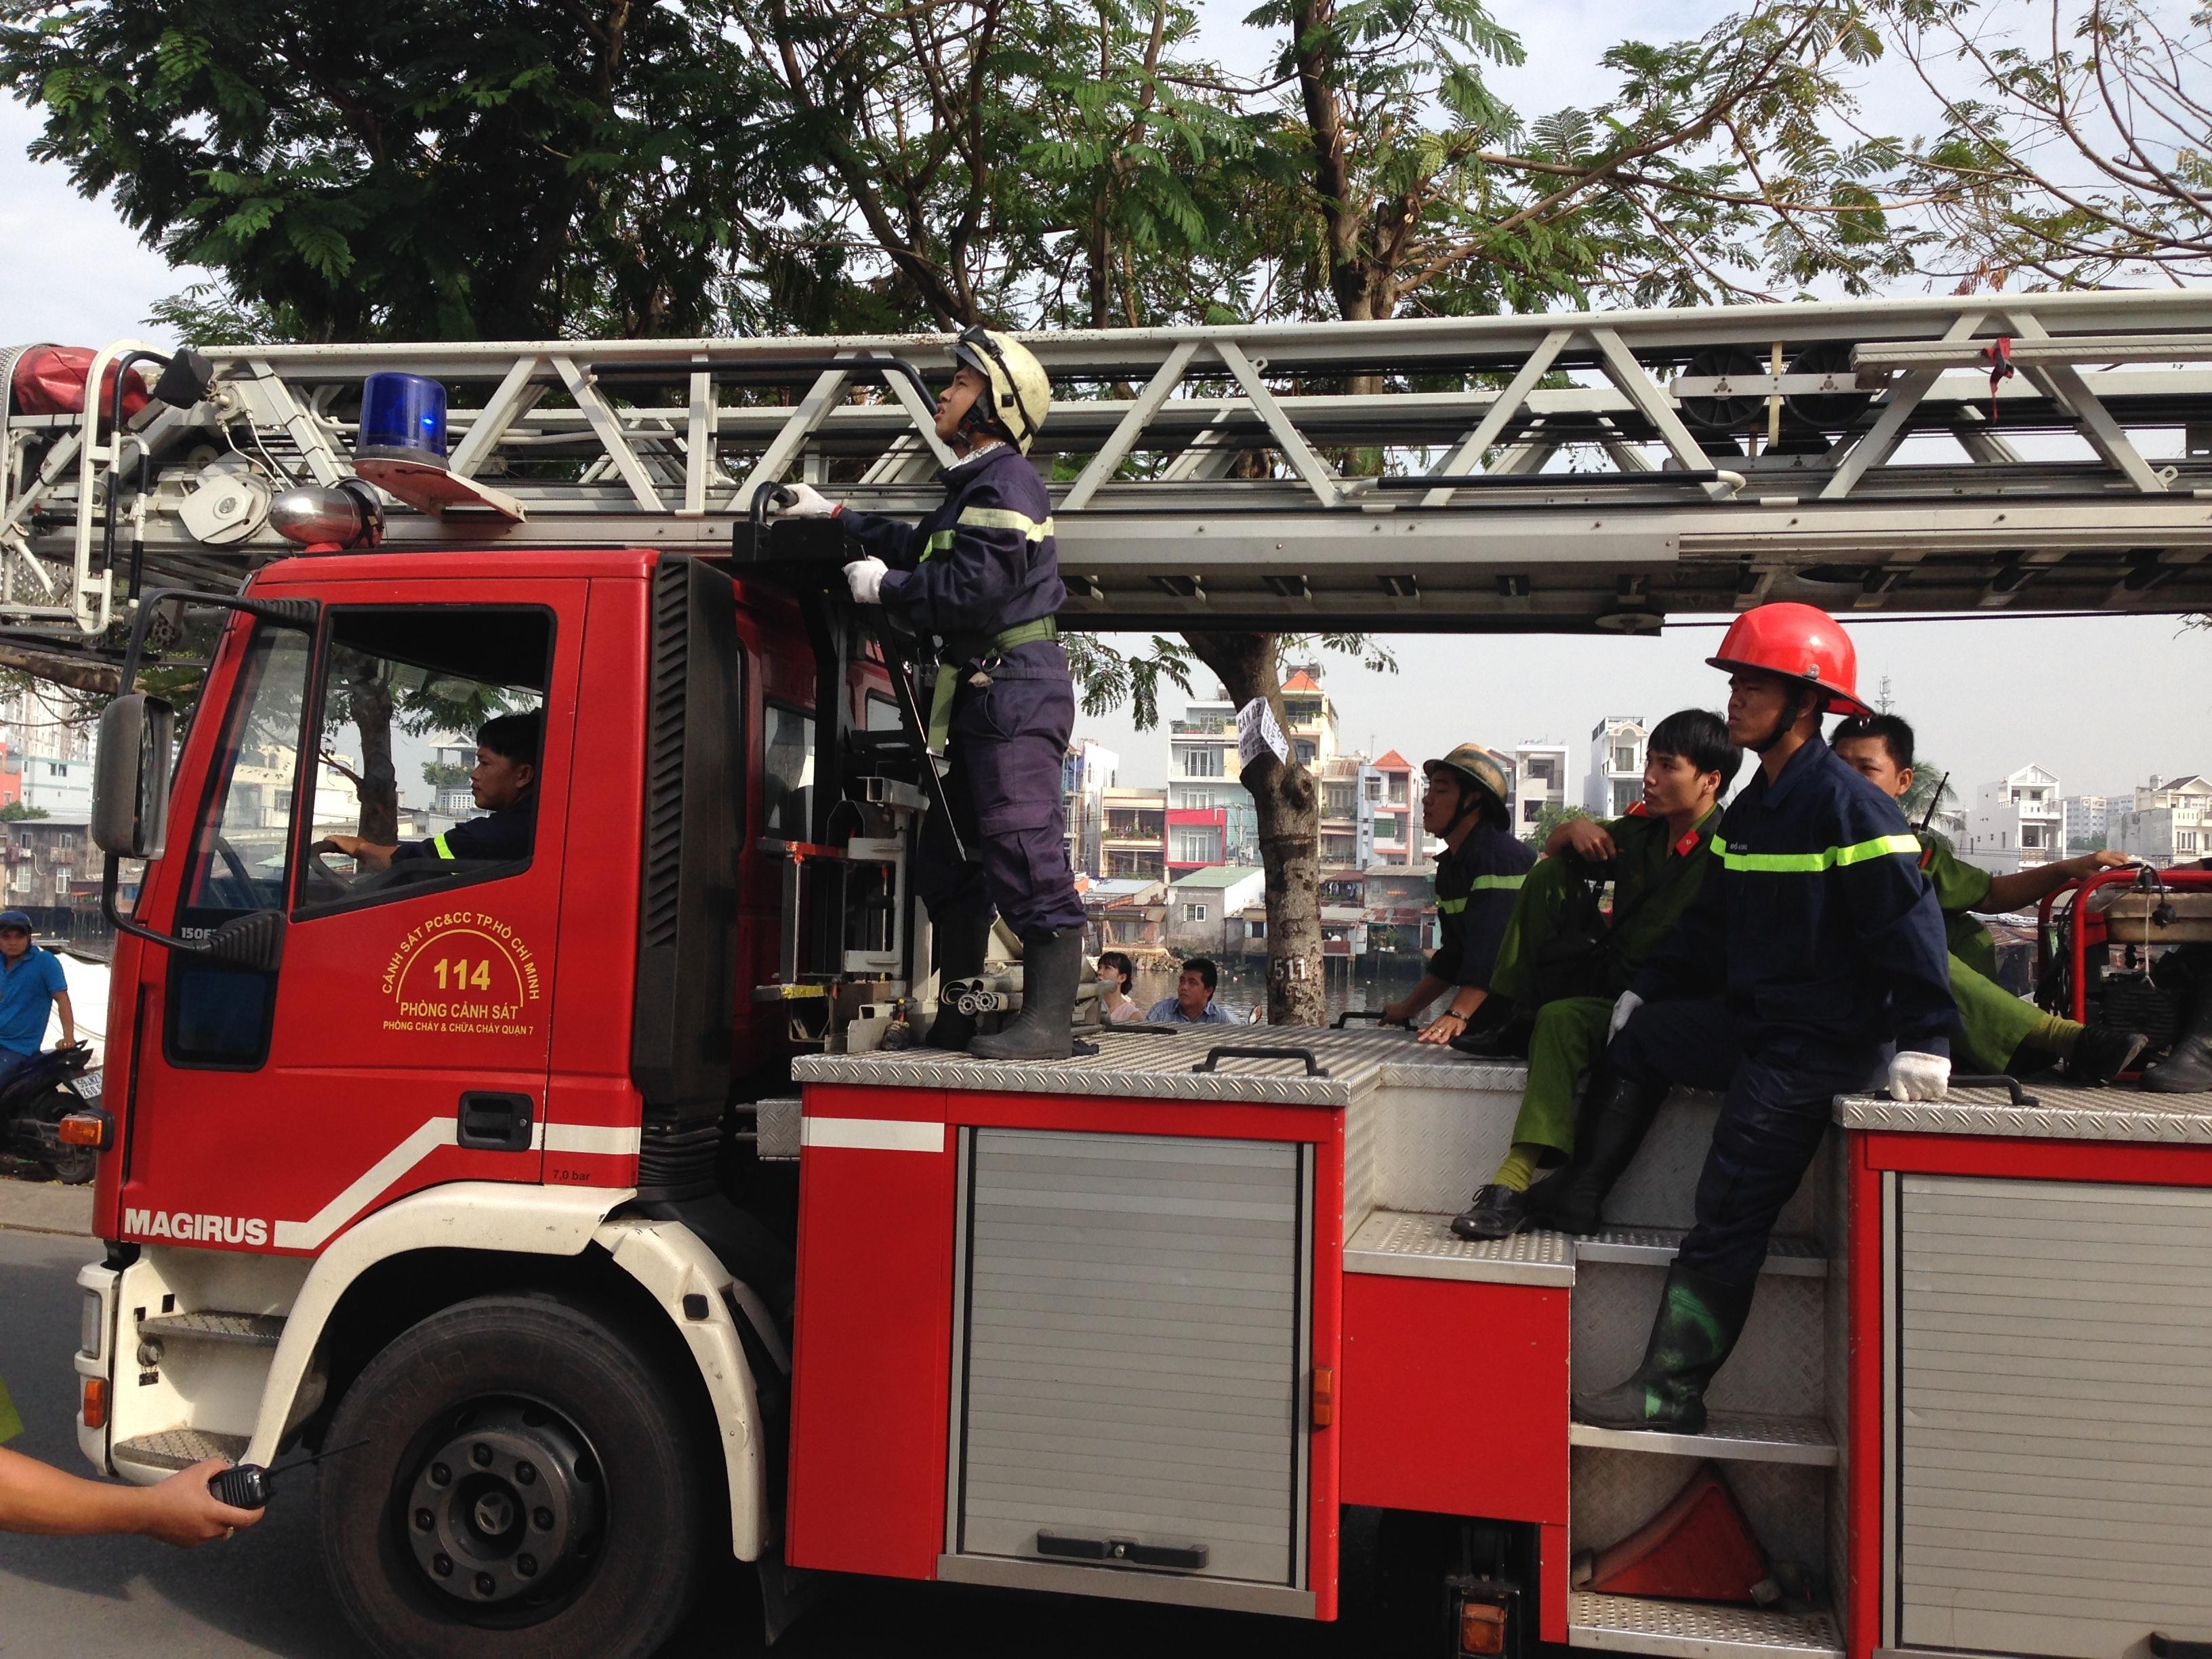 Xe thang được điều đến hiện trường thực hiện việc giải cứu